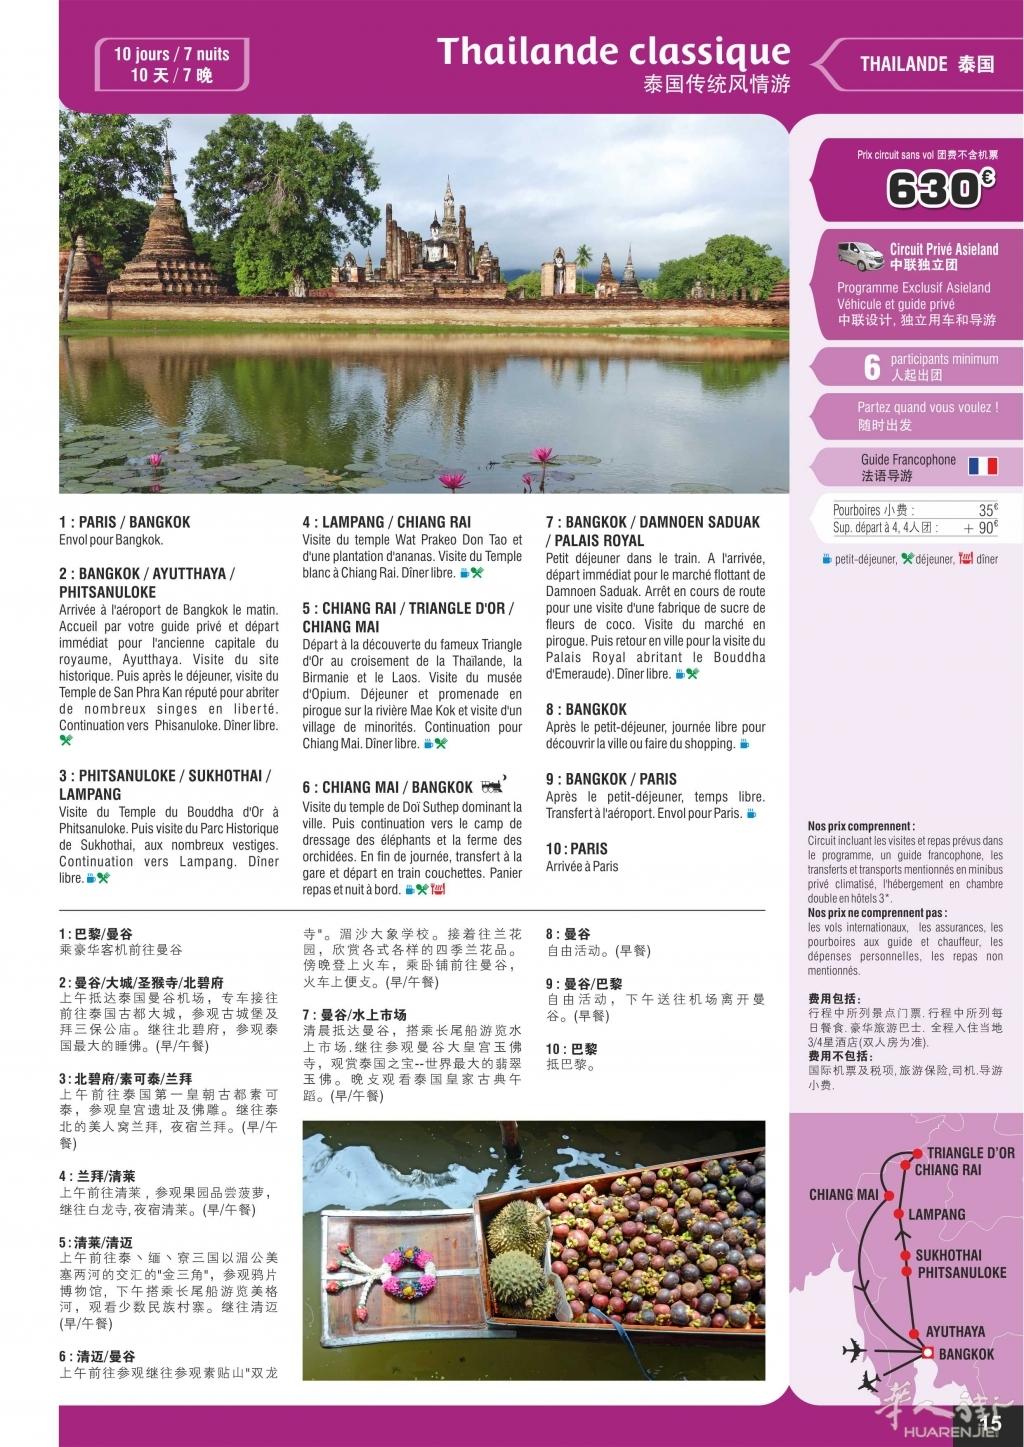 p15-Thailande classique 10j-v06.jpg